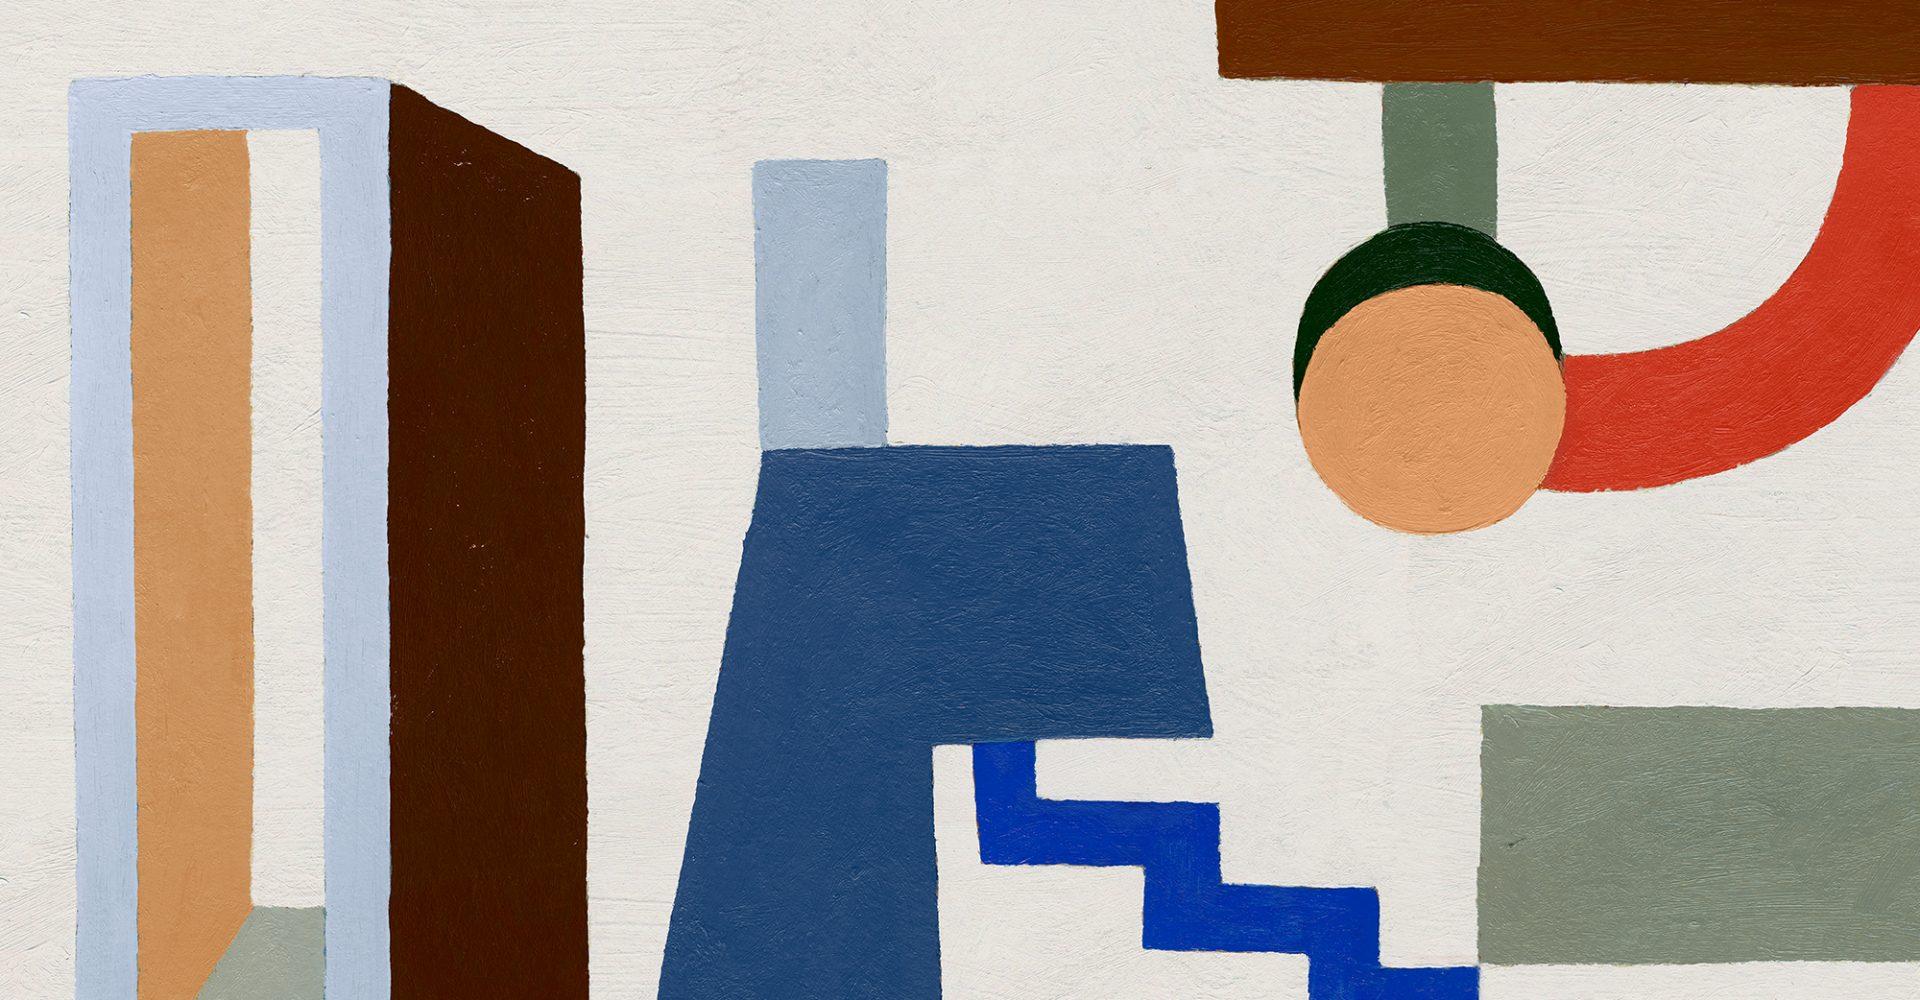 Auf dem Bild sind abstrakte geometrische gemalte Gegenstände zu erkennen. das Bild bewirbt als Artwork die Room Sprays von Aesop.